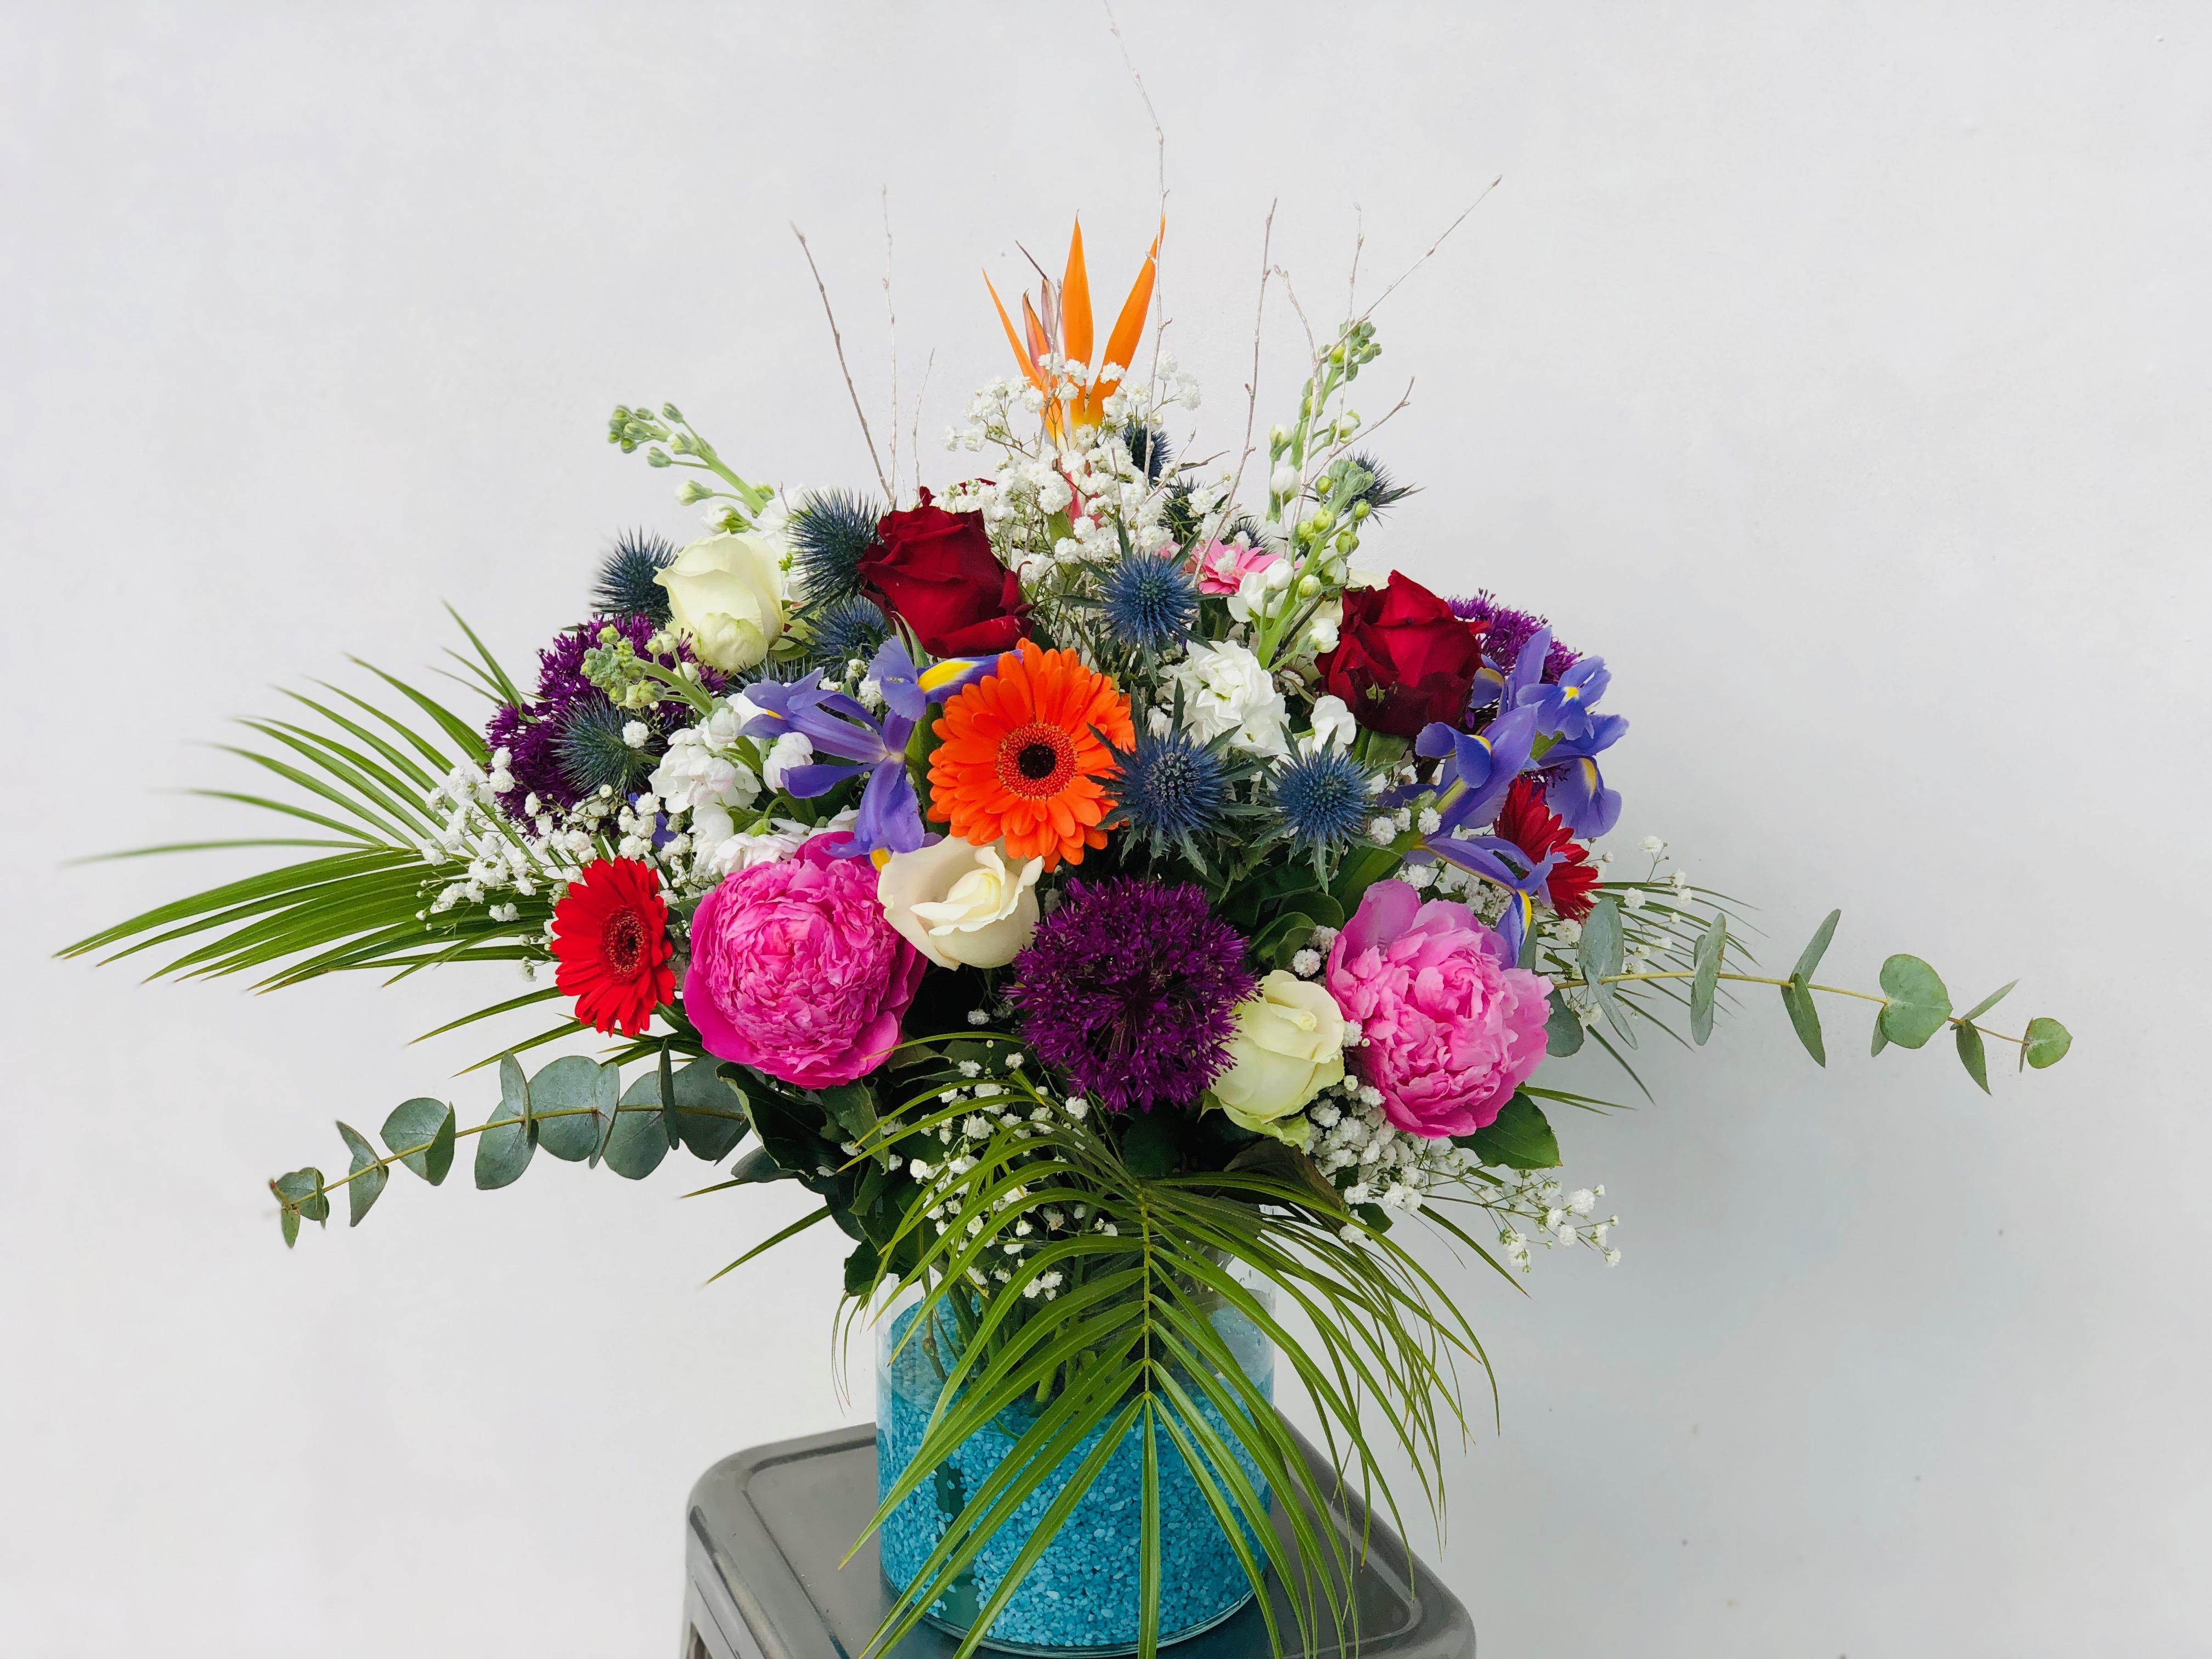 Bouquetdefleurs, fleursfraiches-livraisondebouquet-livraisondefleur